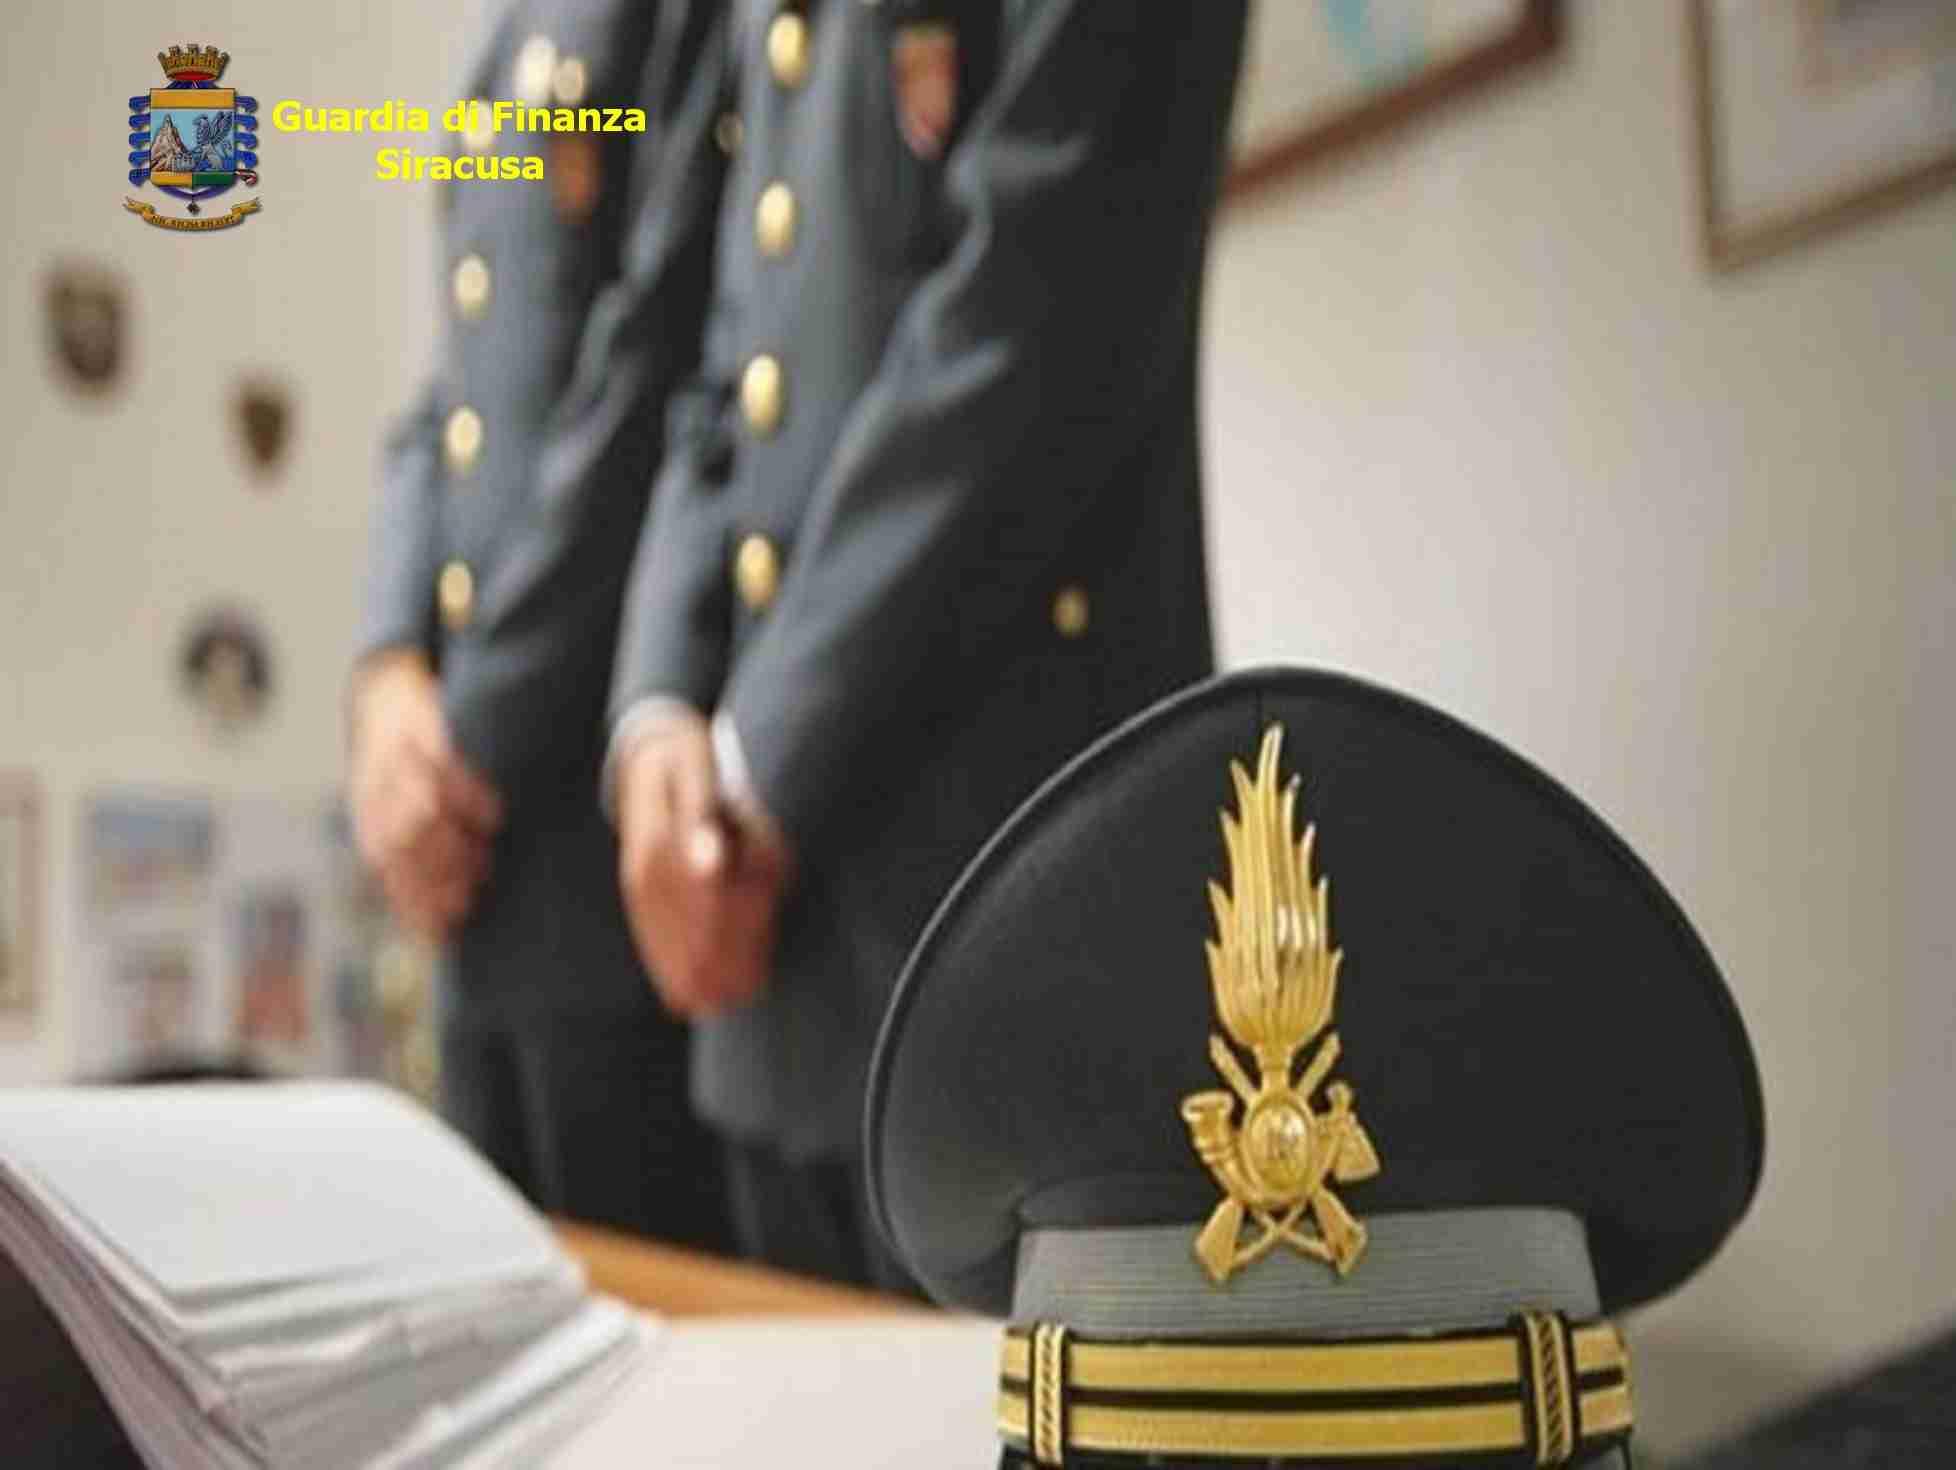 Pubblicato il bando di concorso per l'ammissione di 66 allievi ufficiali nell'accademia della Guardia di Finanza